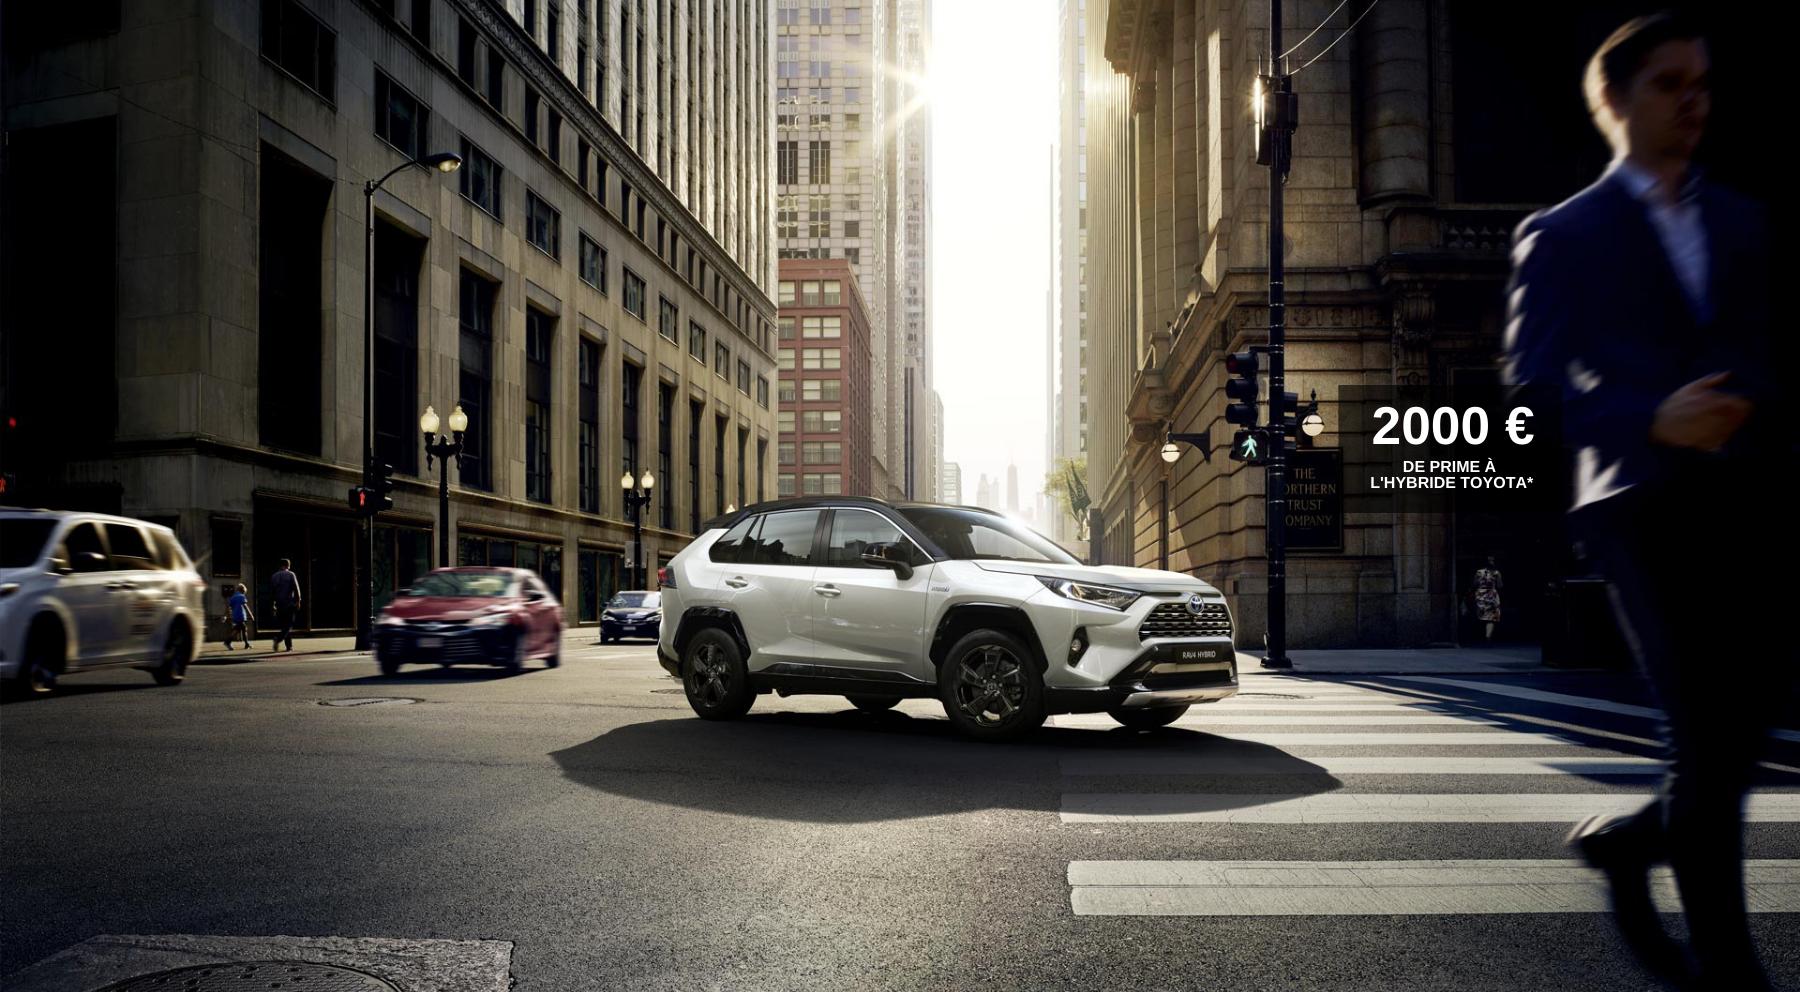 3500 € de prime à l'hybride Toyota.png